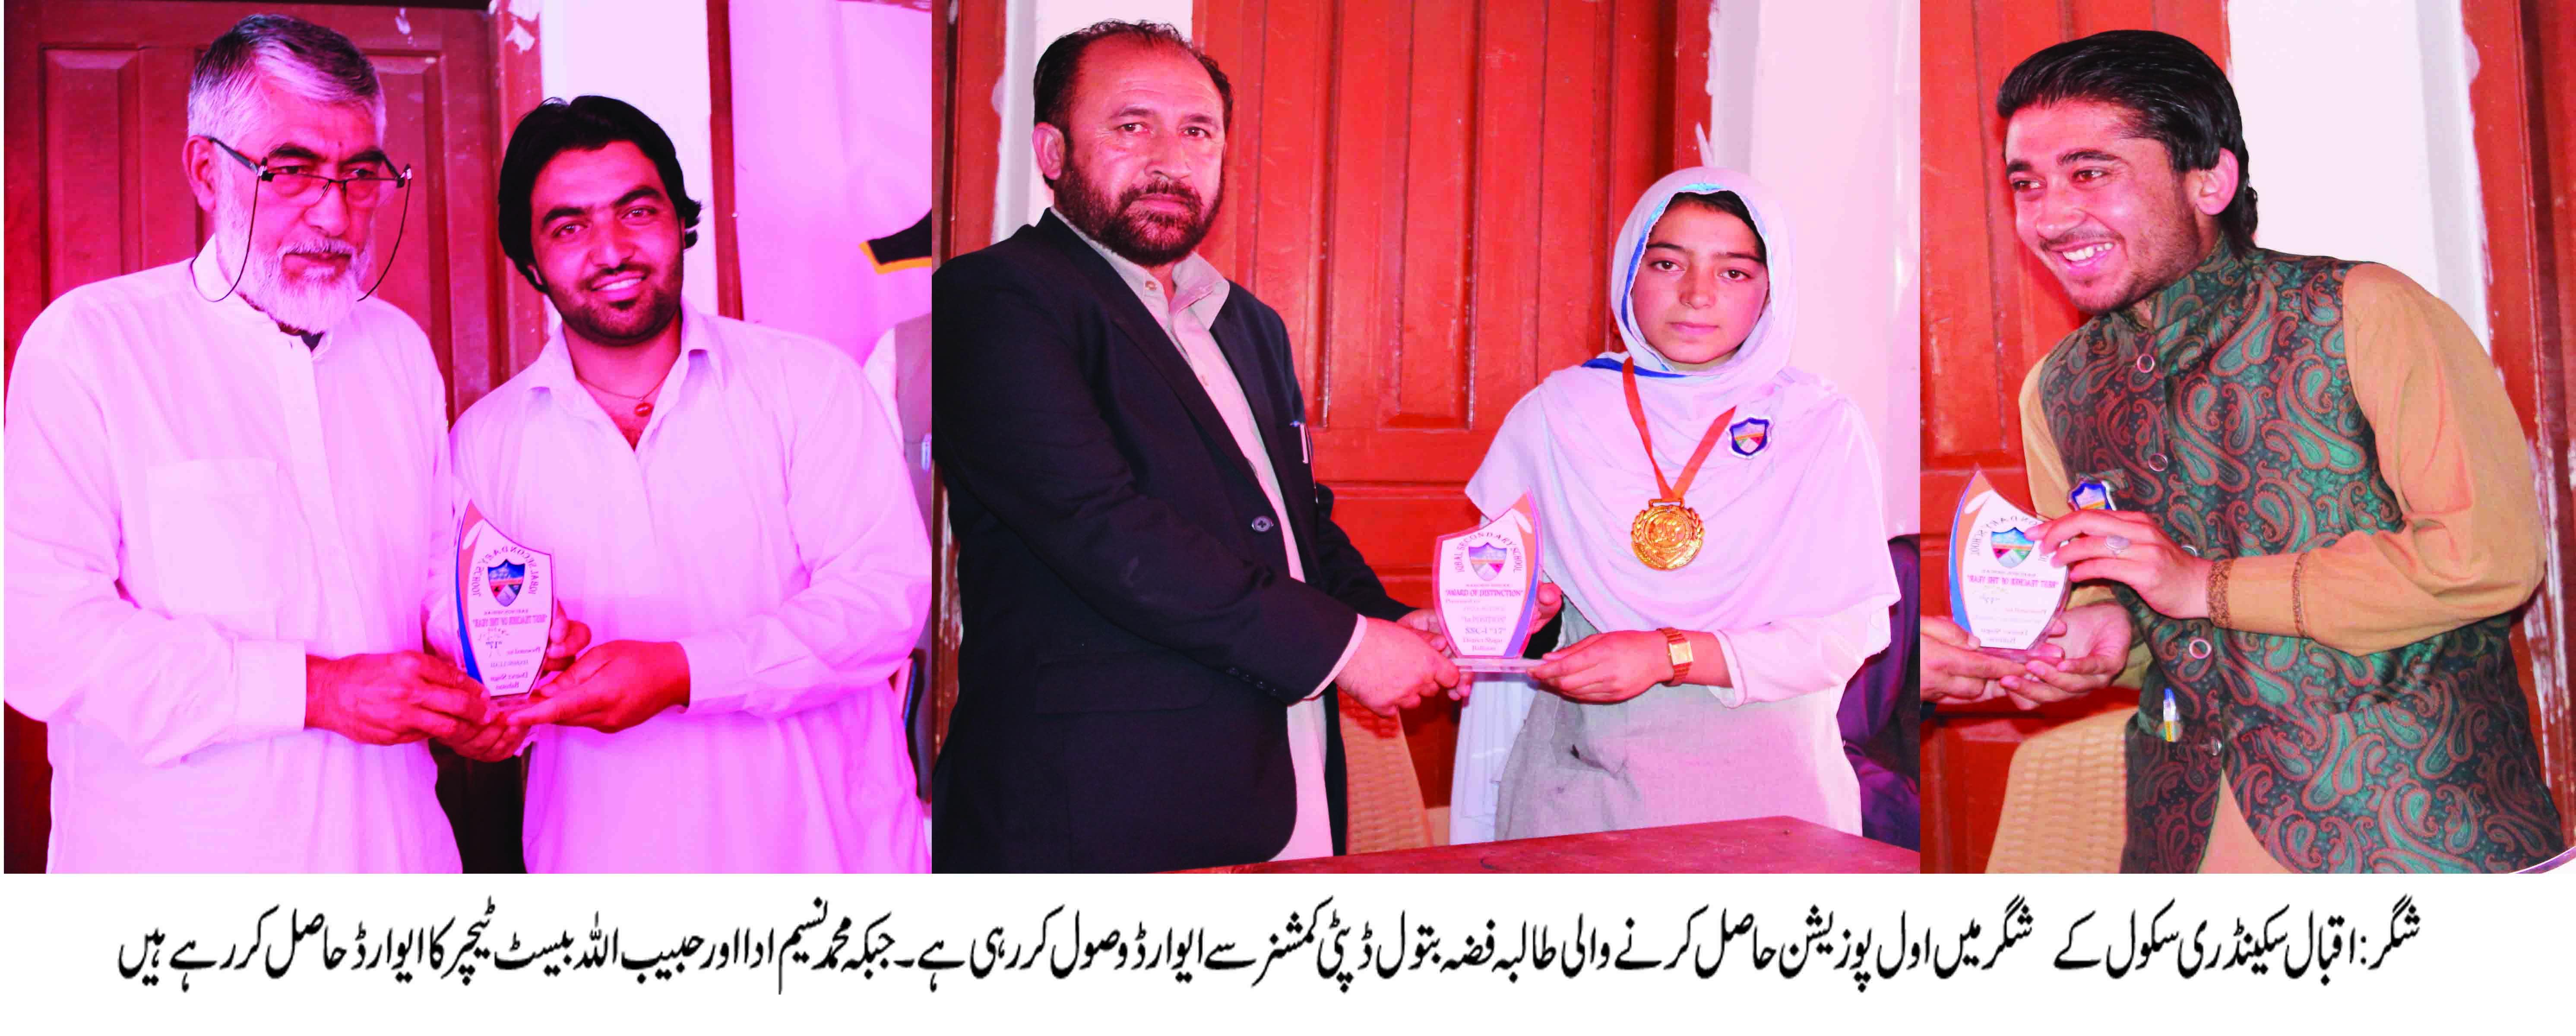 نہم جماعت میں شگر سطح پر بہترین نمبرات لینے والی طالبہ فضا بتول اور دو اساتذہ کو ایوارڈز سے نوازا گیا